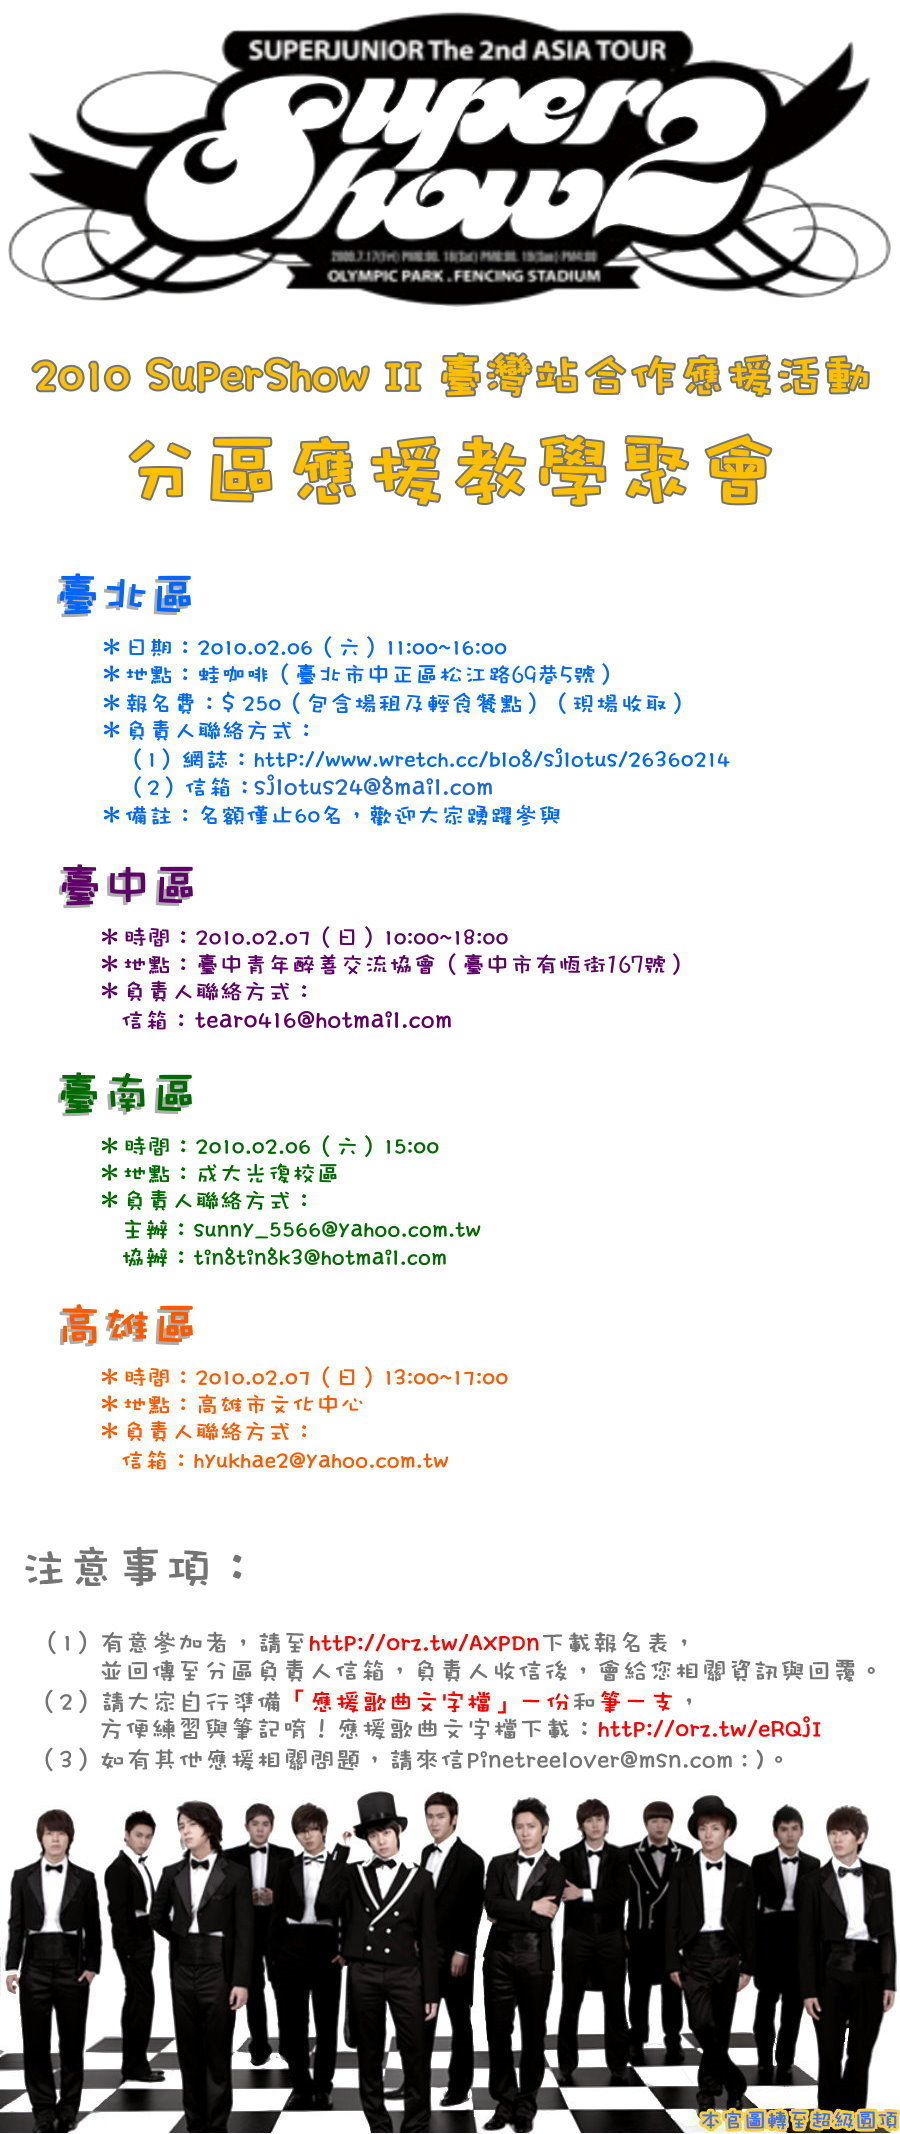 2010 SuperShow II 臺灣站合作應援活動 分區應援教學聚會(圖檔).jpg